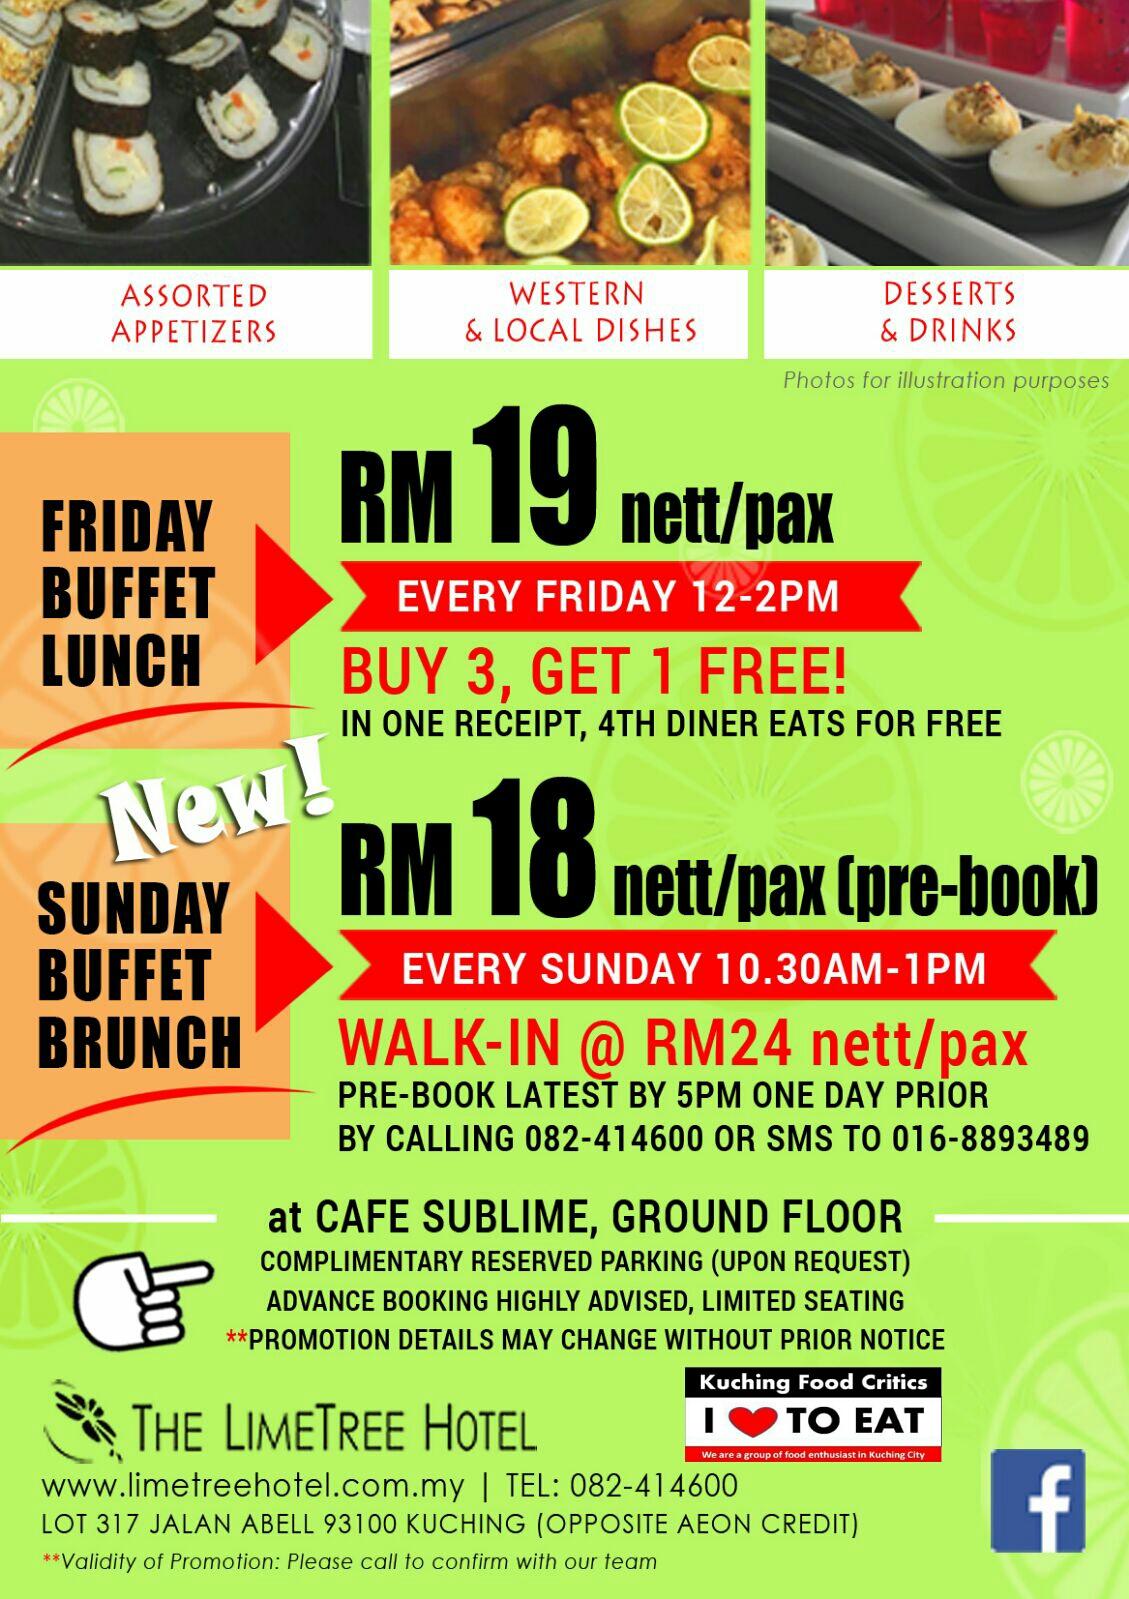 Kuching Food Critics: PROMO ! From The LimeTree Hotel